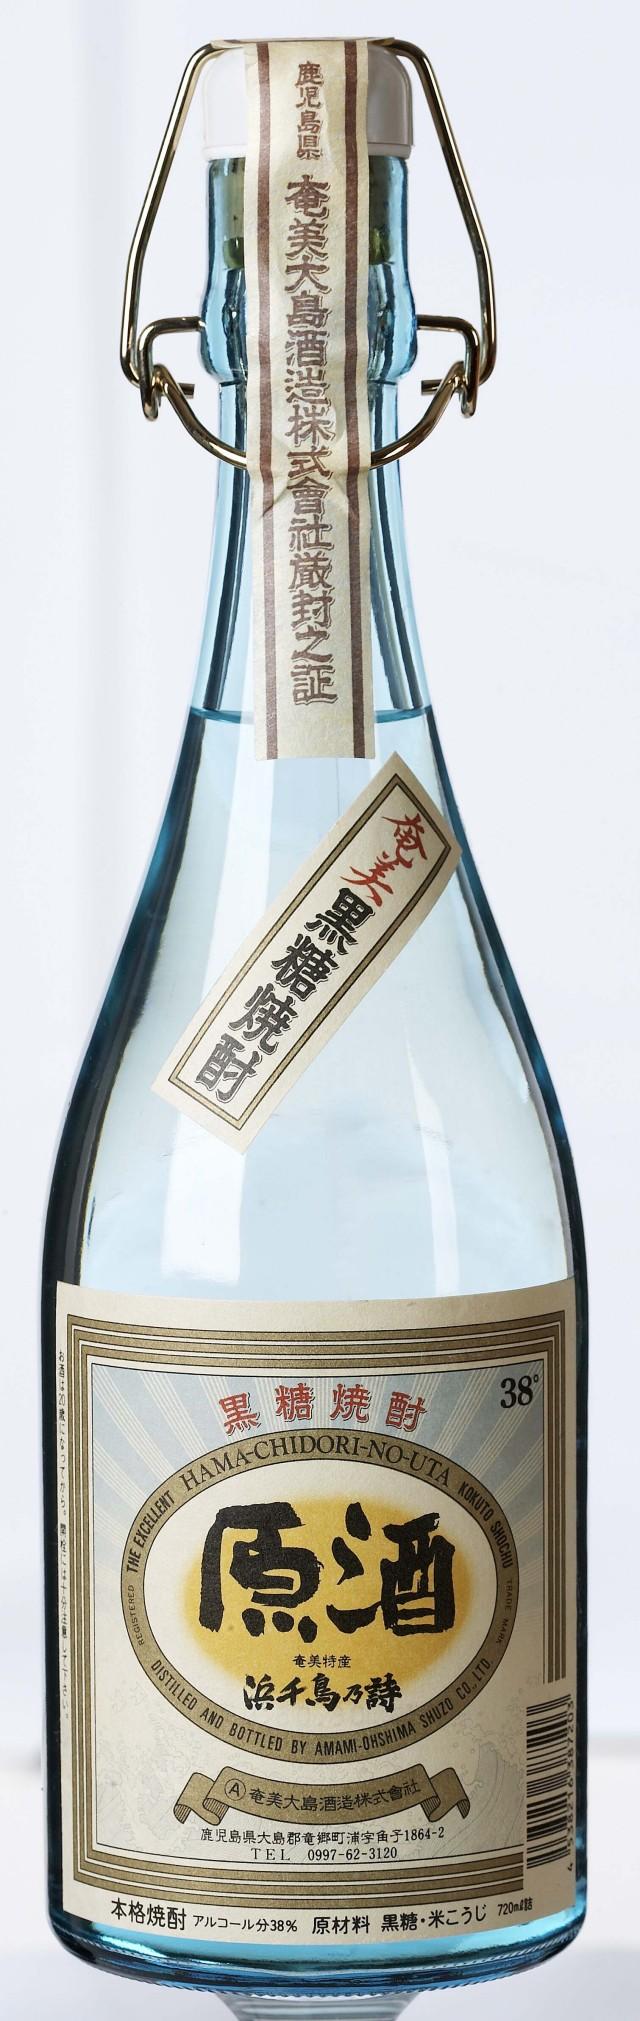 浜千鳥の詩原酒 アンティークボトル 38度 720ml